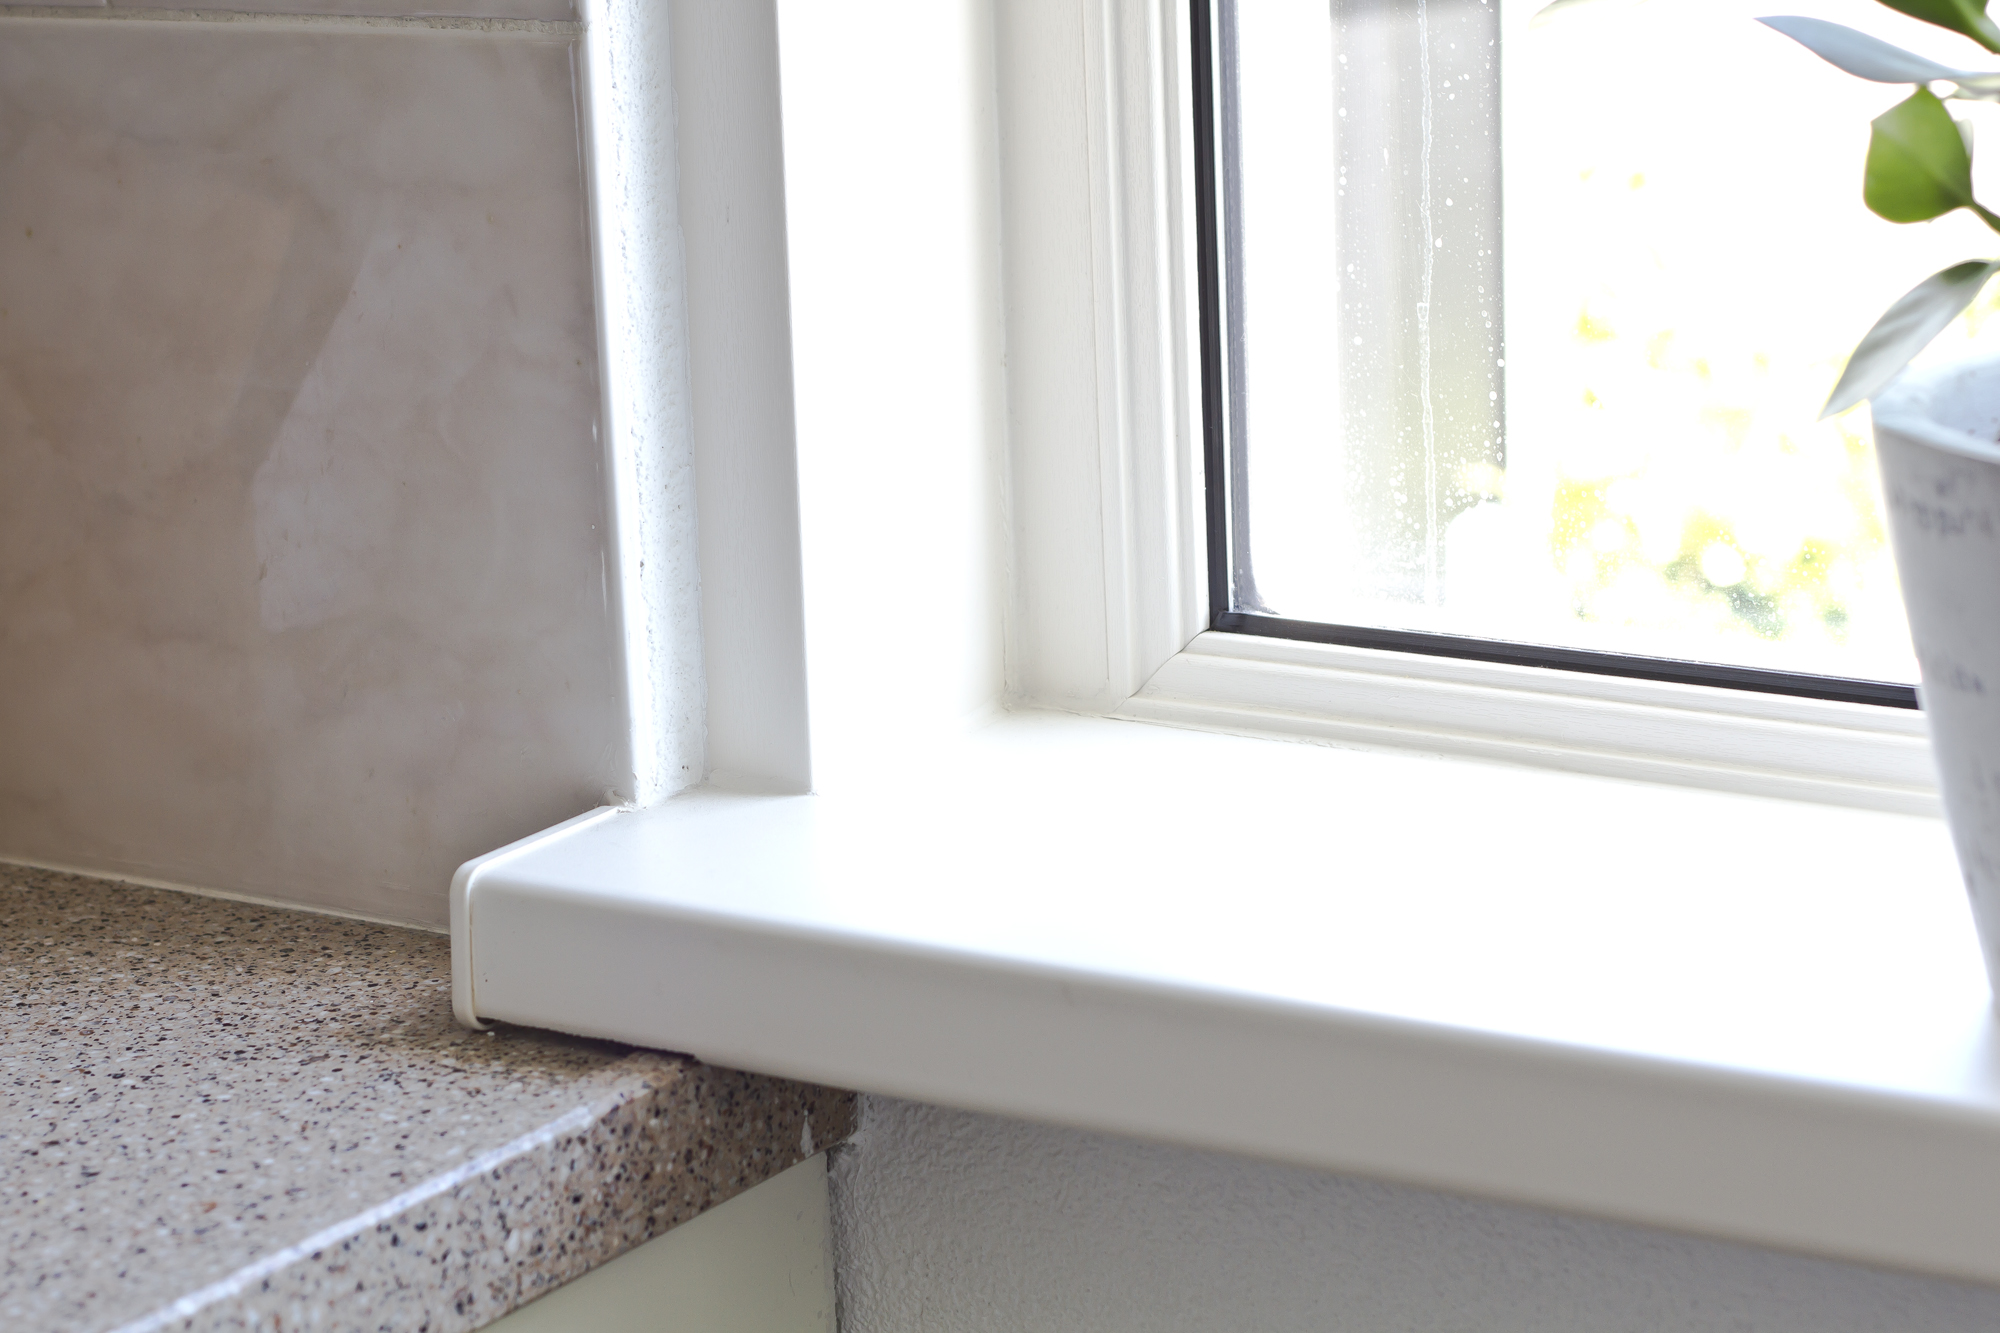 Vensterbank keuken is gerenoveerd met type a kunststof for Vensterbank vervangen